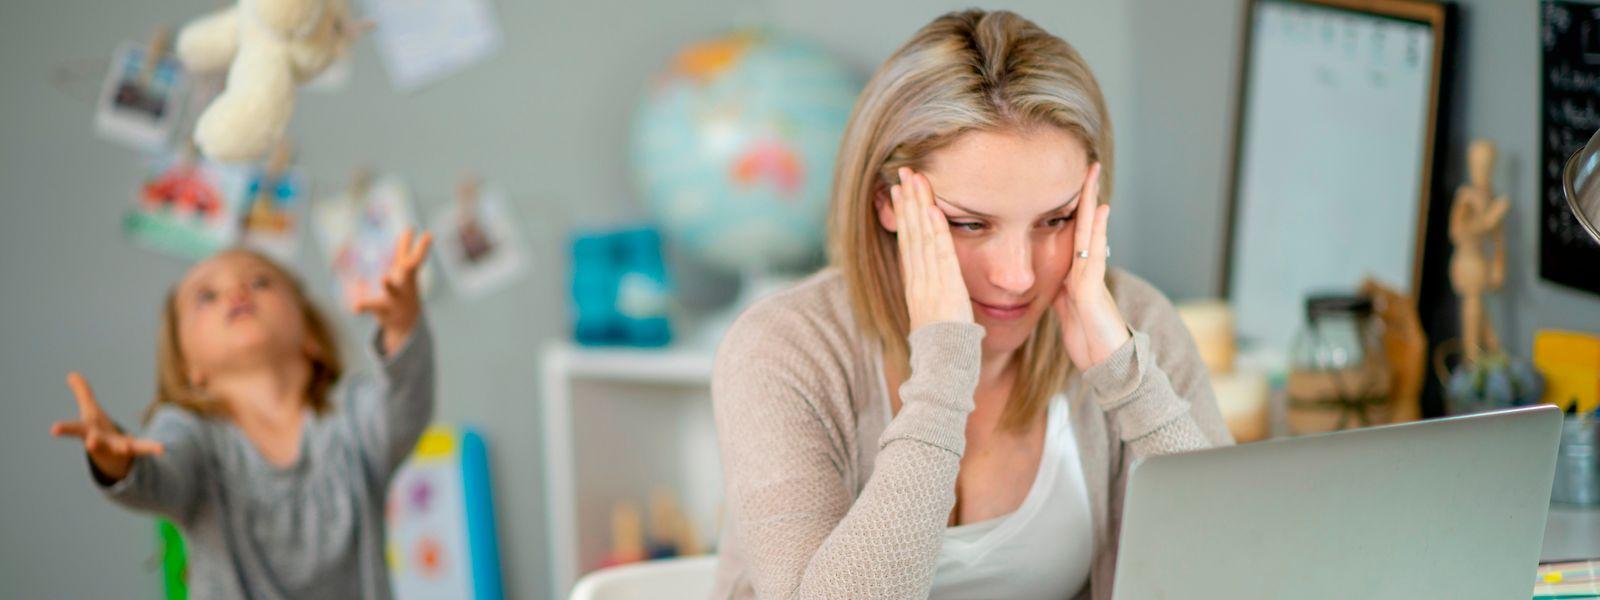 Selon l'étude de la CSL, 16% des parents célibataires présenteraient des signes forts de dépression.